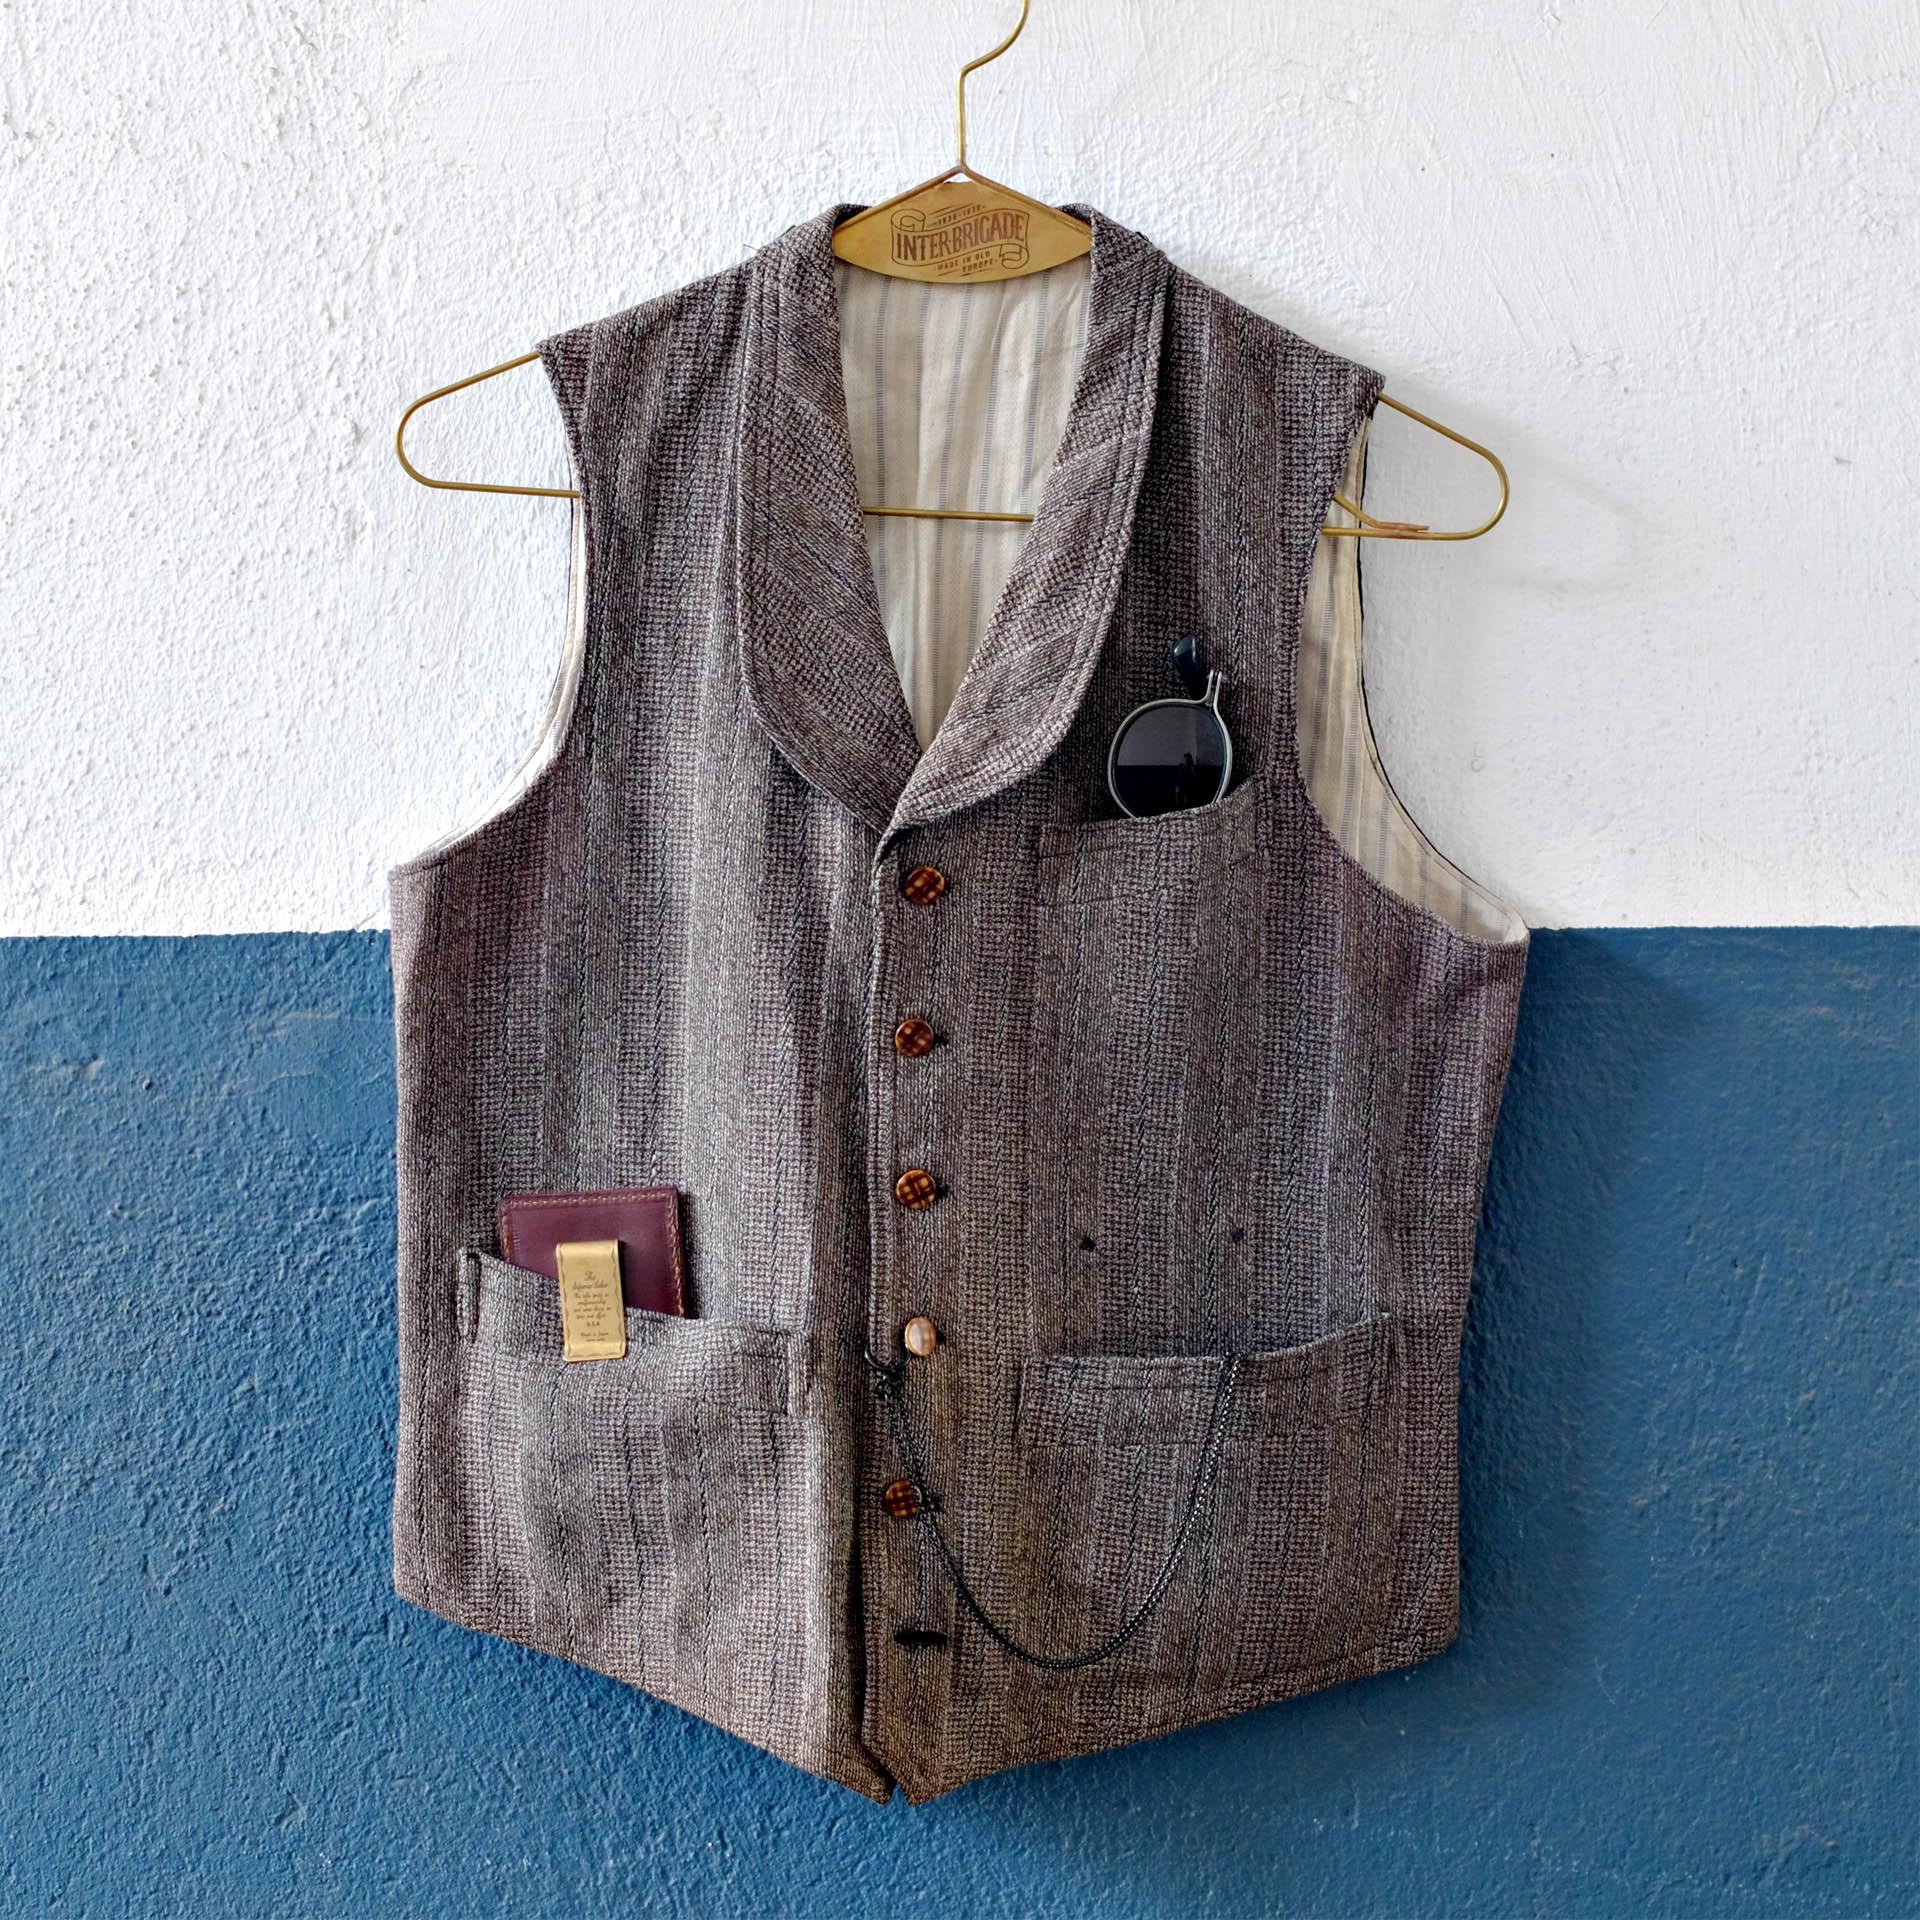 vintage-weste-accessoires-taschenuhr-geldklammer-superior-labor-tavat-eyewear-sonnenbrille